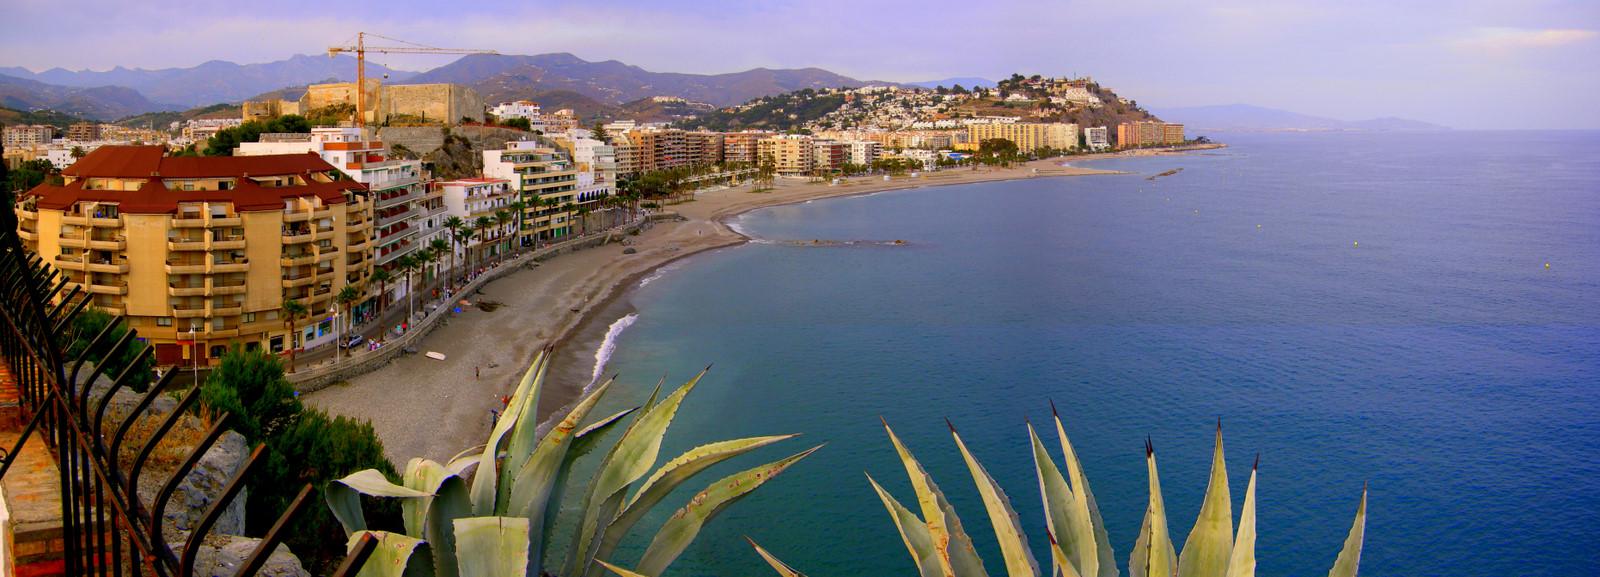 Foto playa Puerta del Mar / Fuentepiedra. Playa de Puerta del Mar, desde el Peñón de San Cristobal